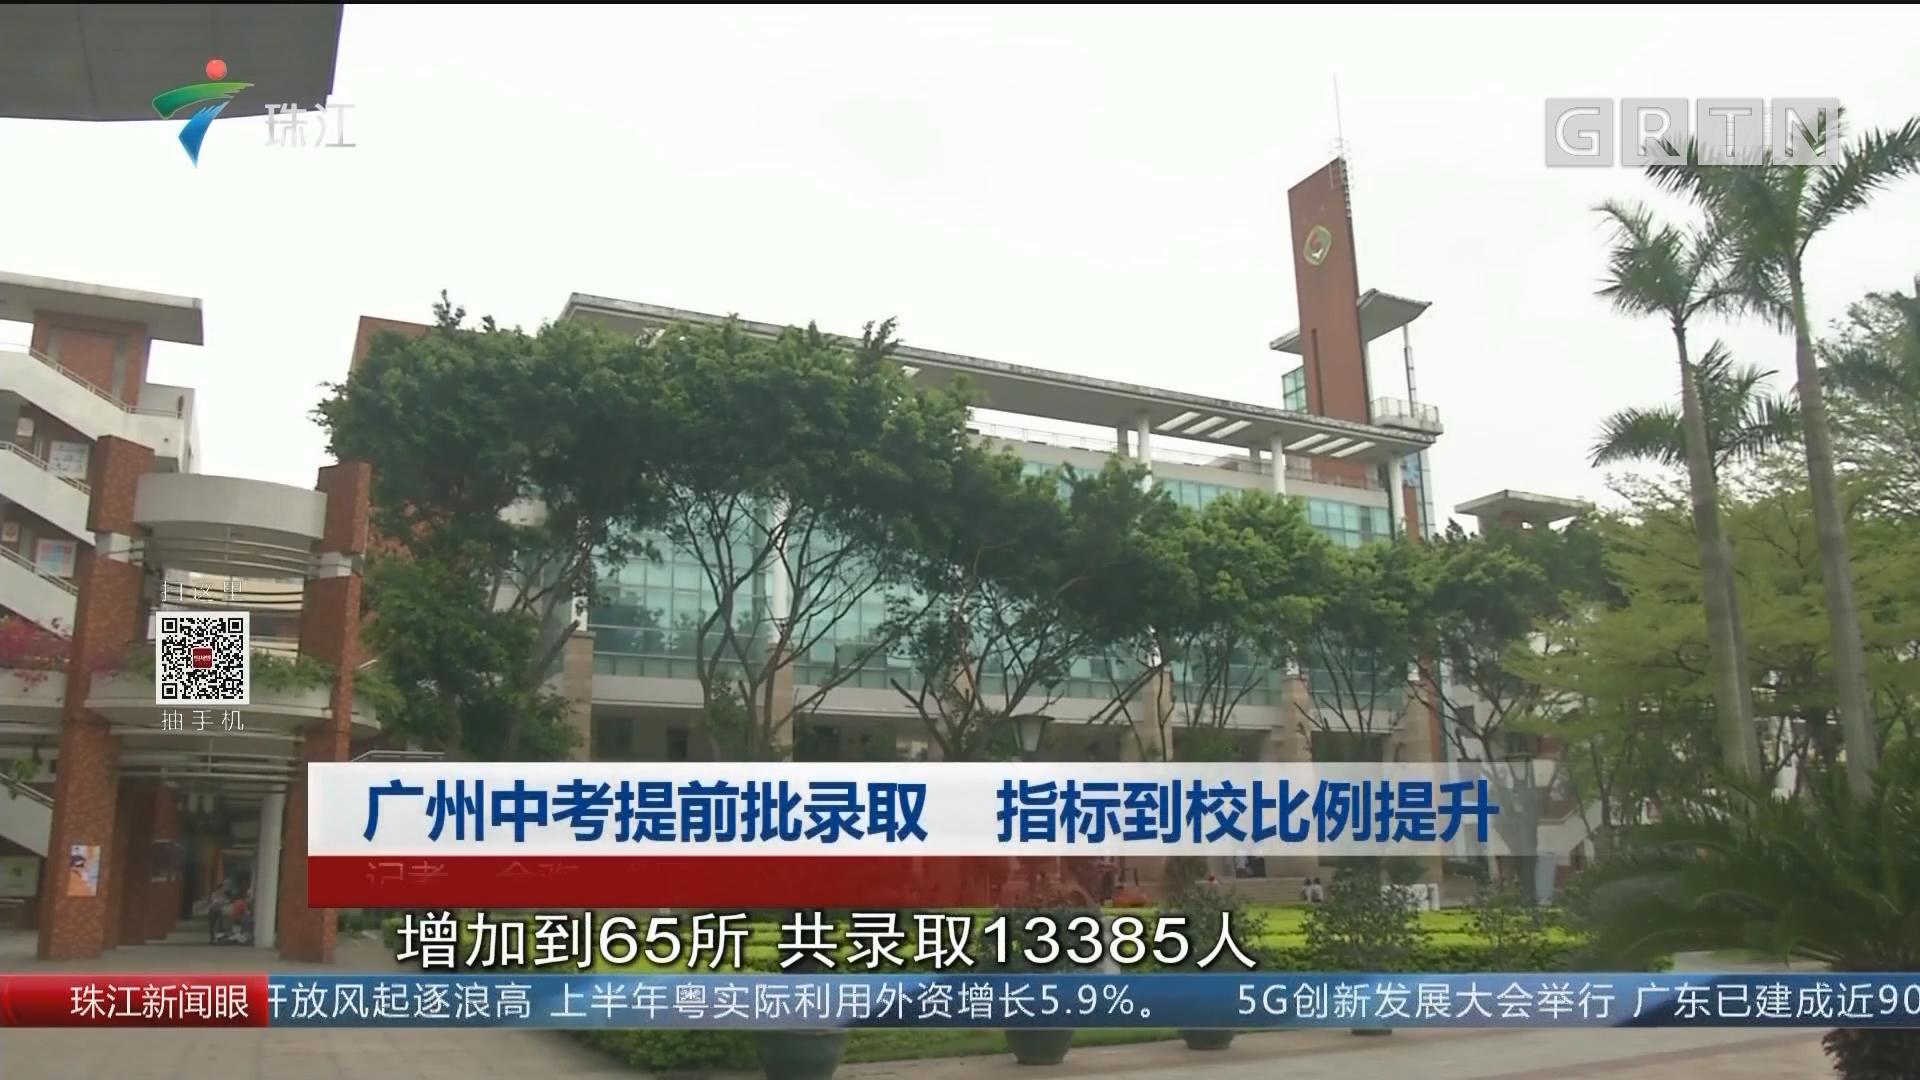 廣州中考提前批錄取 指標到校比例提升